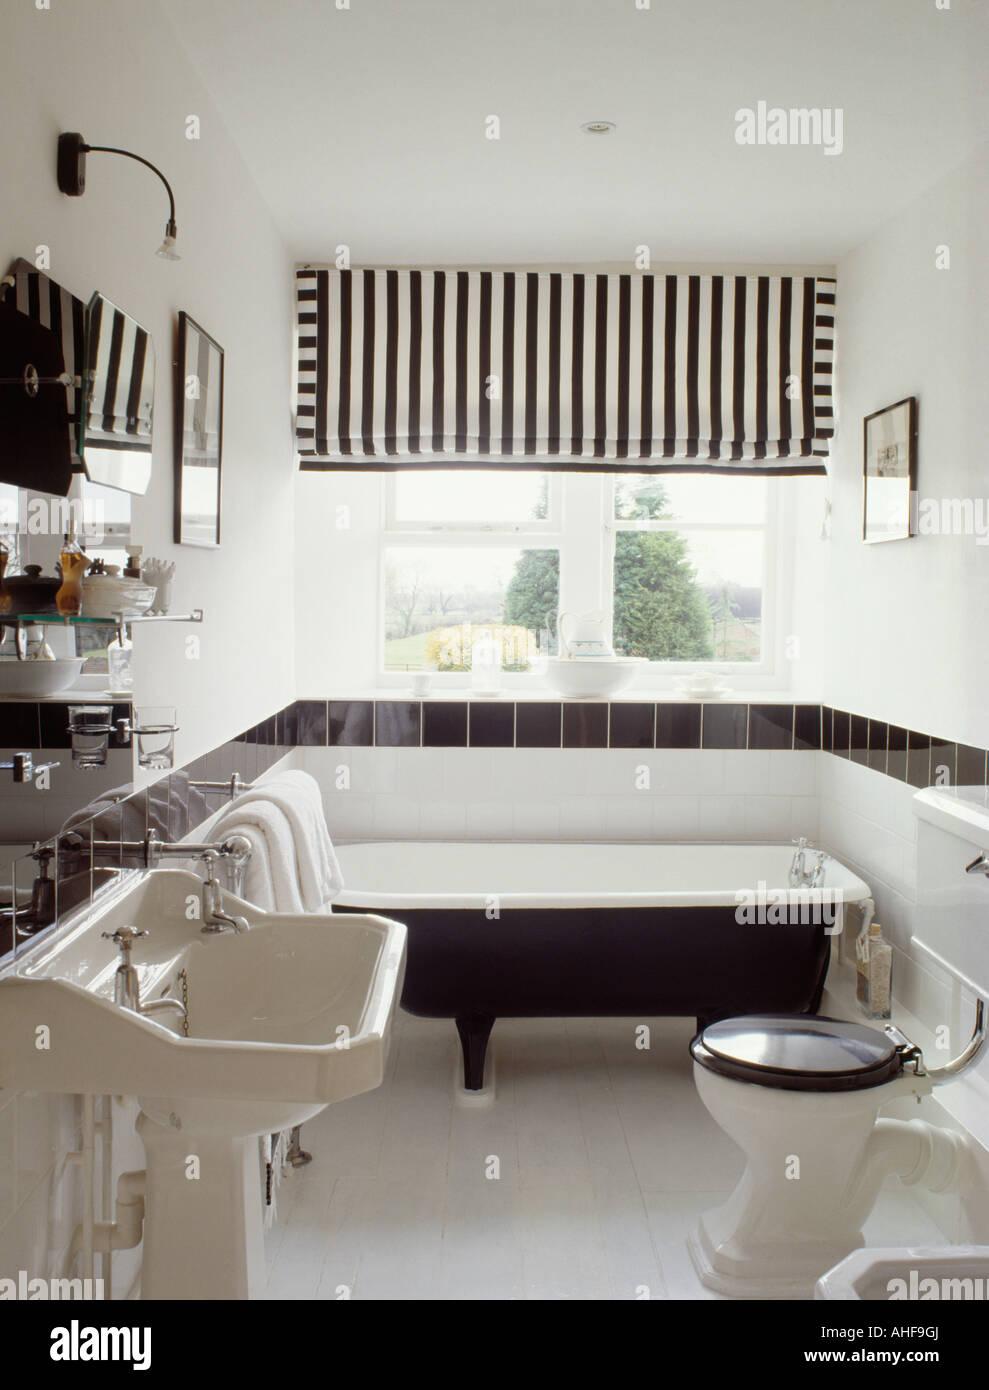 Schwarz Weiß Gestreift Blind über Rolltop Badewanne In Monochromen